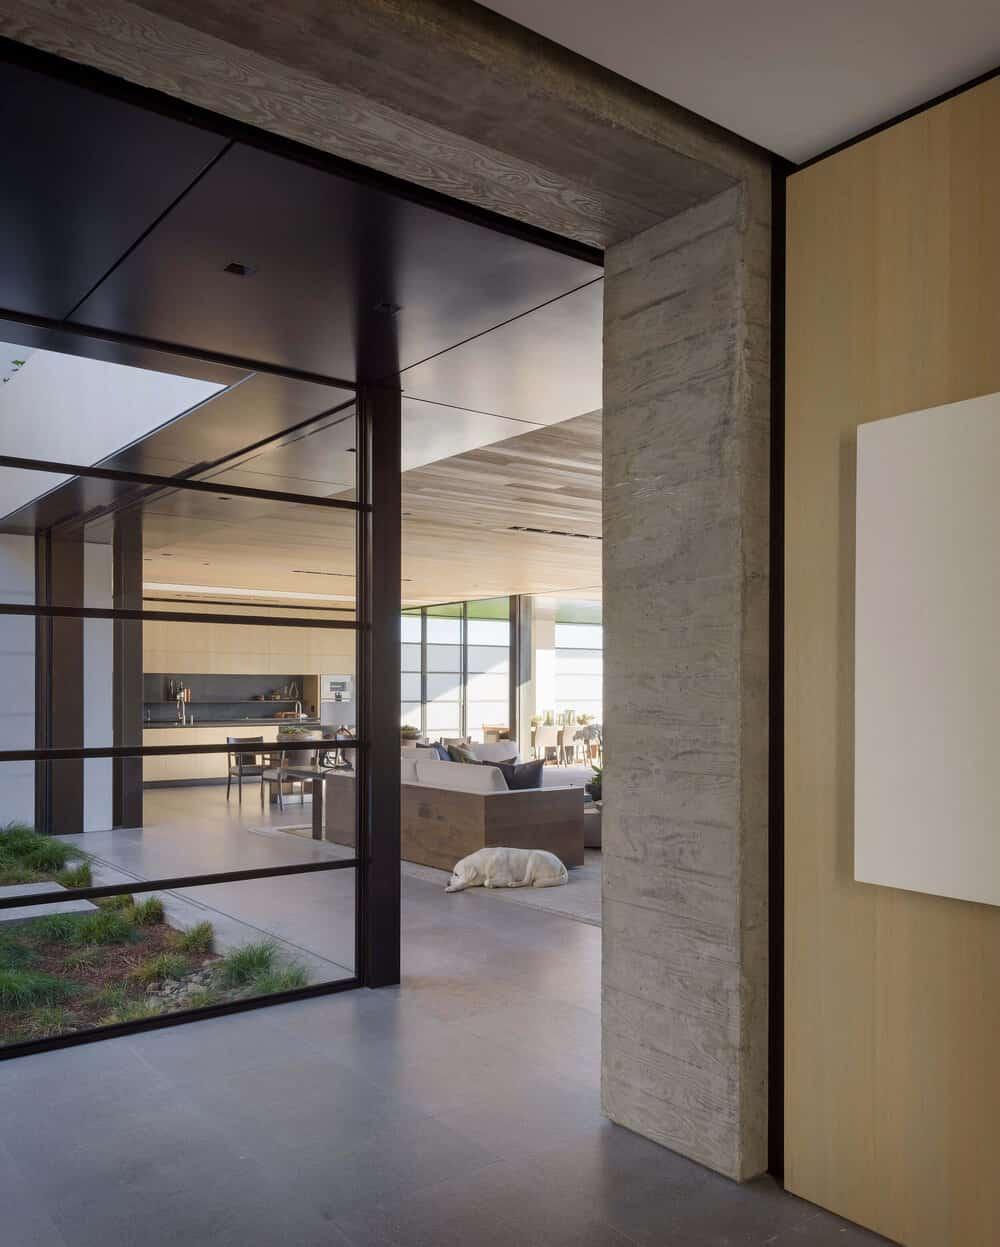 hodnik s pogledom na dnevnu sobu